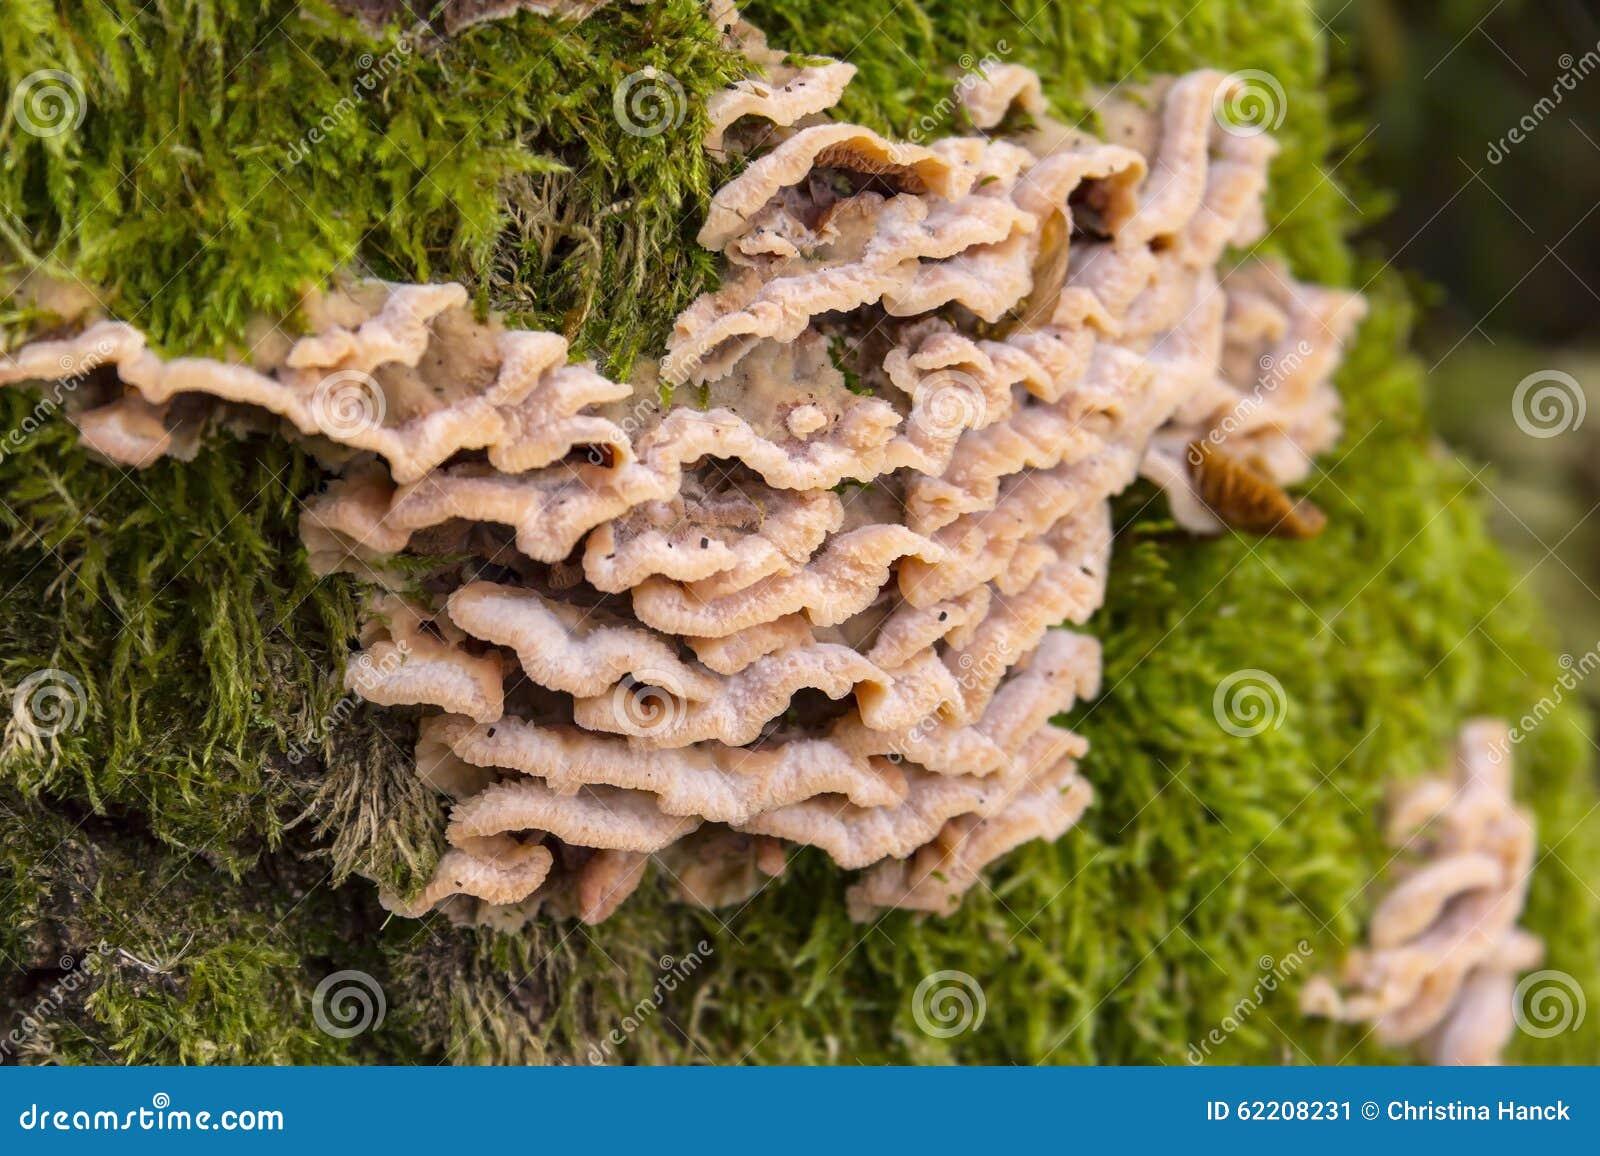 多孔菌库存图片. 图片包括有黄色...